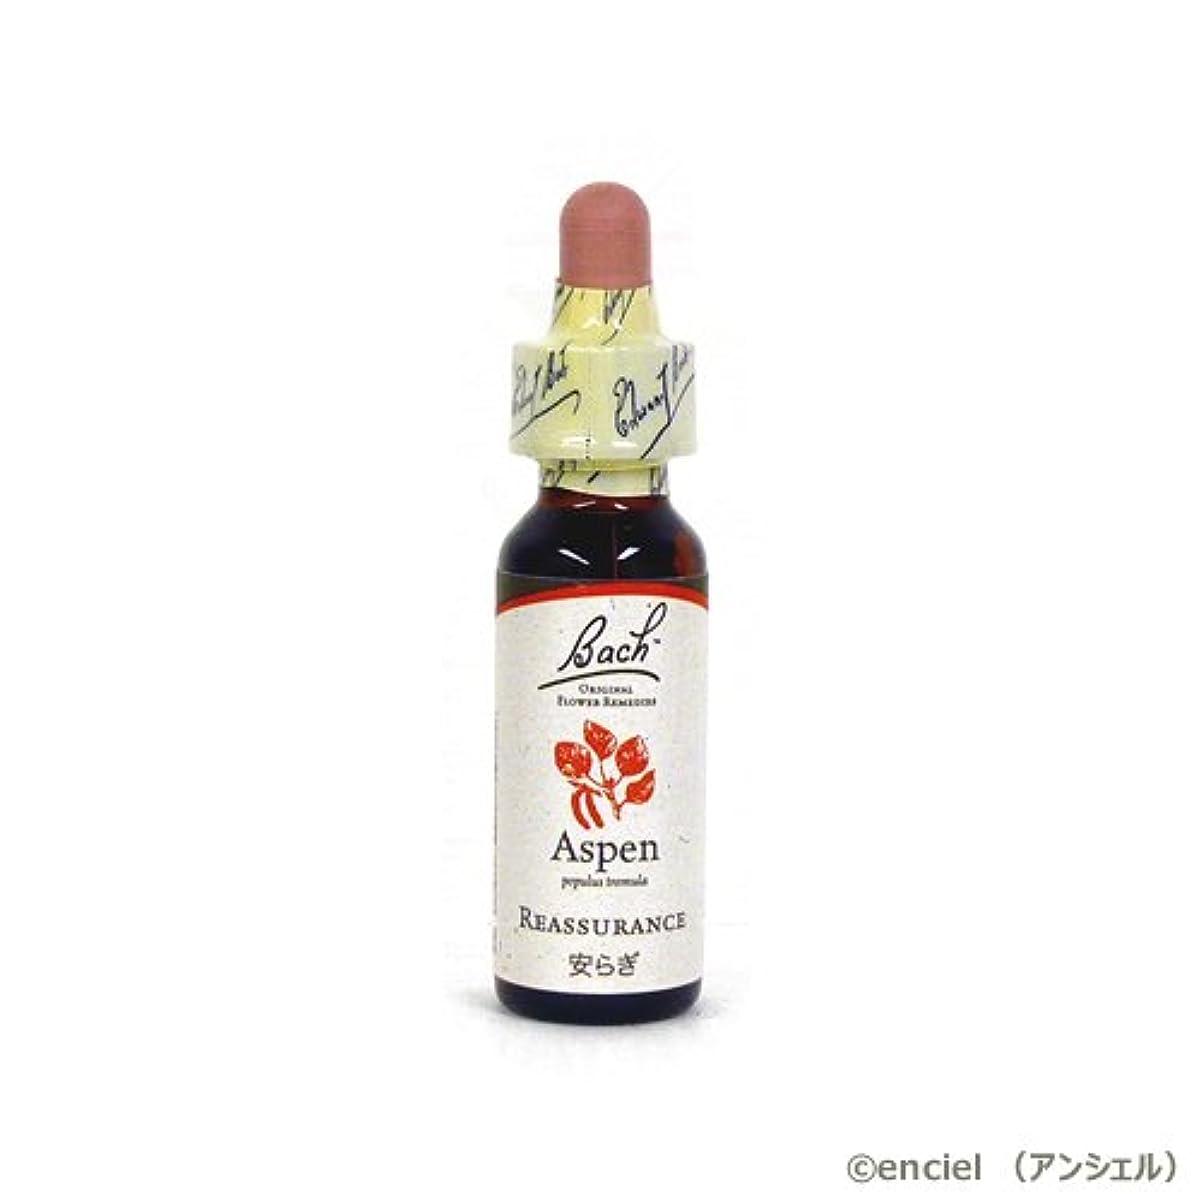 バッチフラワー レメディ アスペン 10ml グリセリンタイプ 日本国内正規品